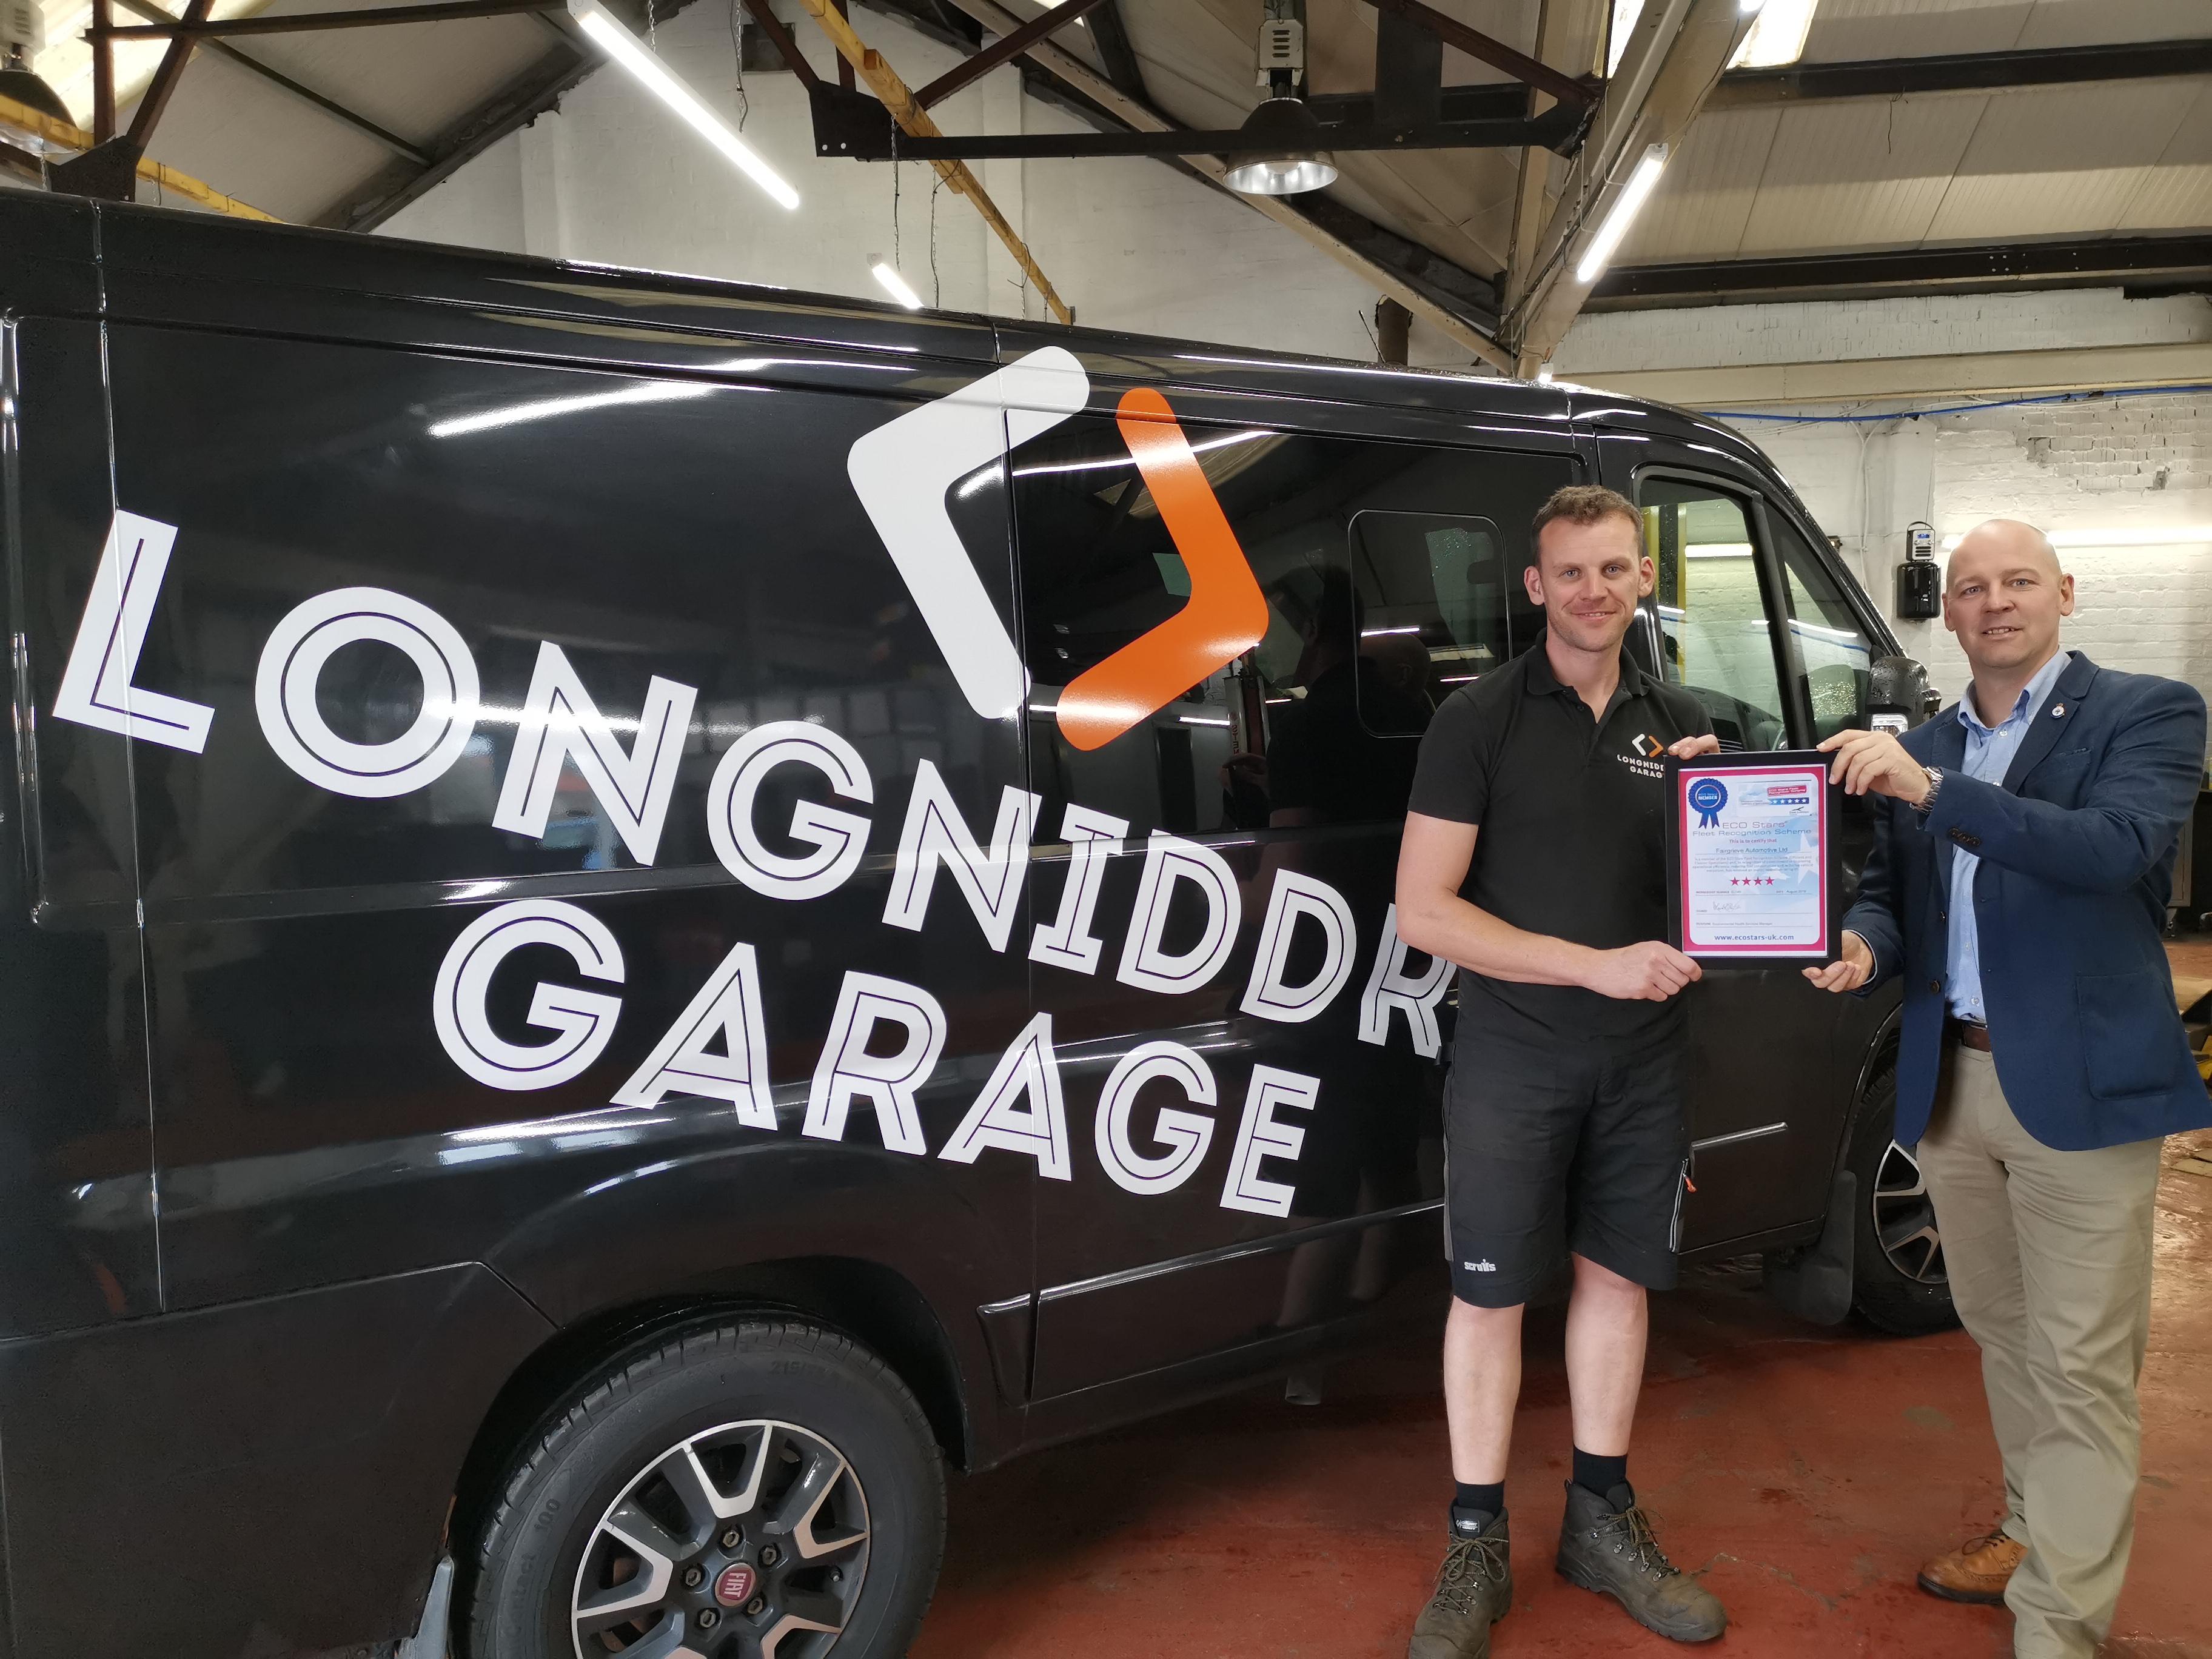 Longniddry Garage East Lothian